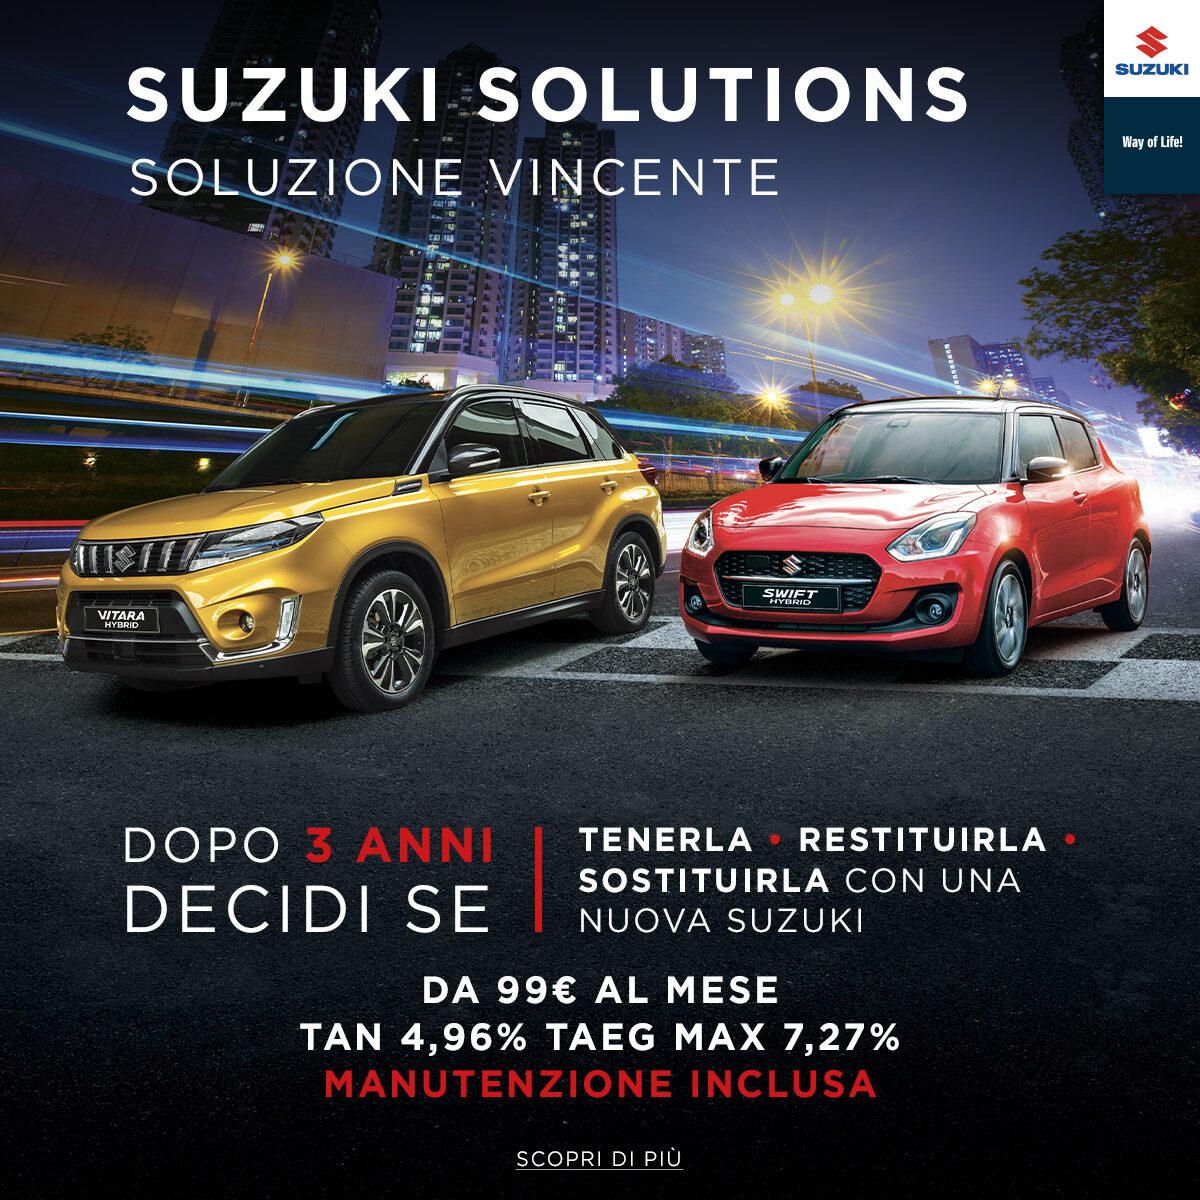 Suzuki Solutions, nuovo finanziamento a 48 mesi e tre tagliandi in omaggio: promozioni, offerte